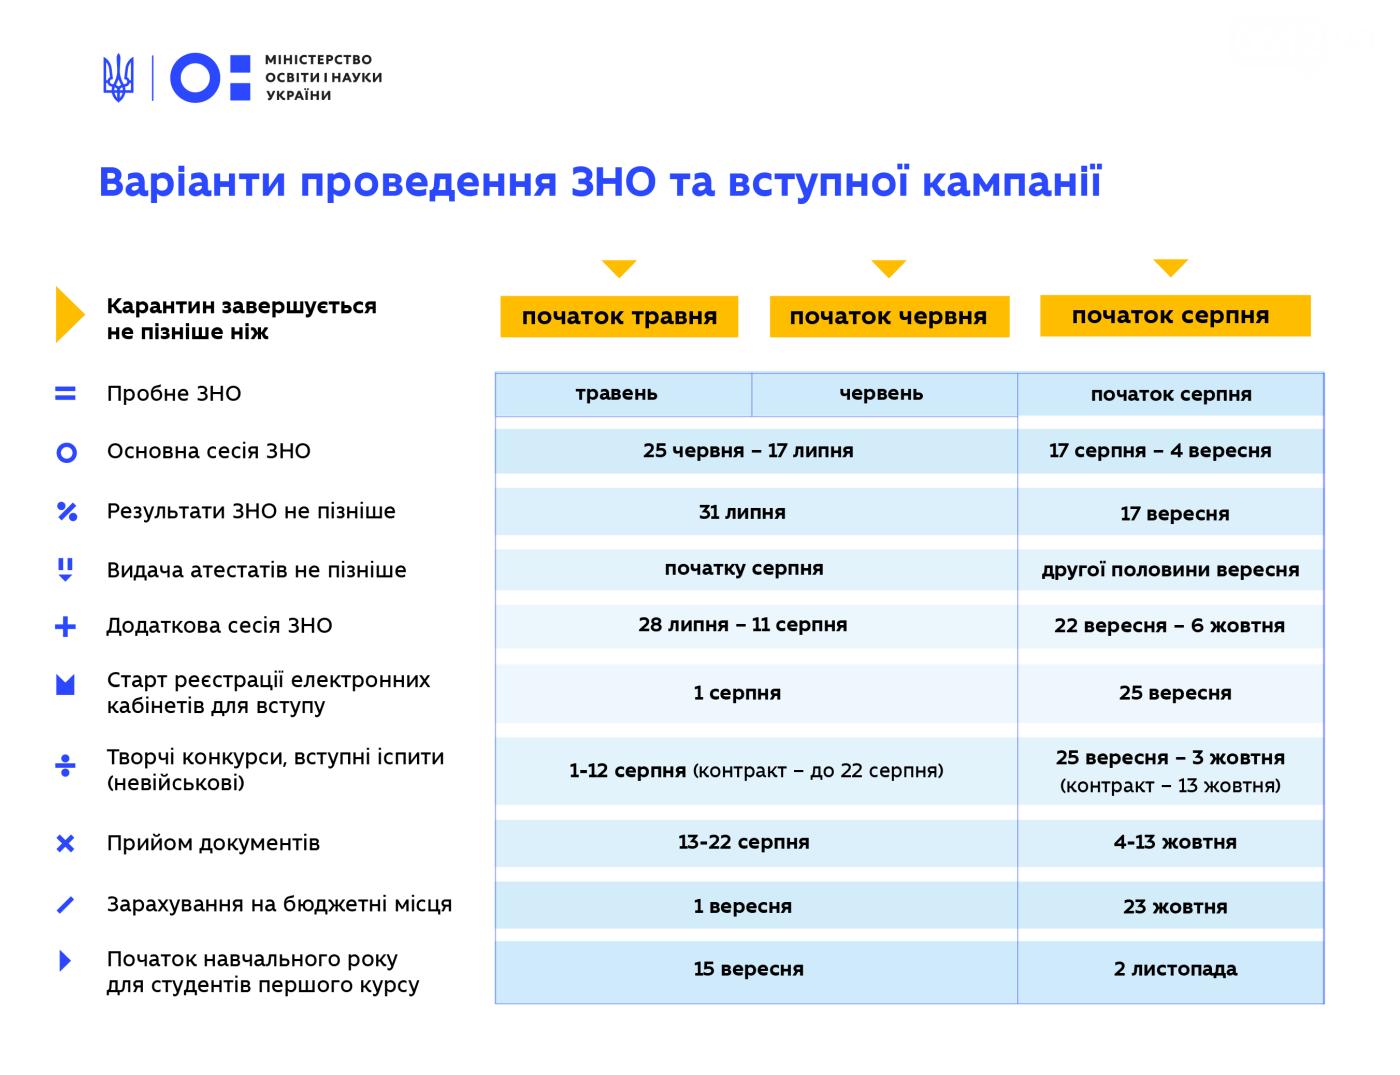 В Минобразования Украины подготовили два сценария обучения: смотря когда закончится карантин , фото-1